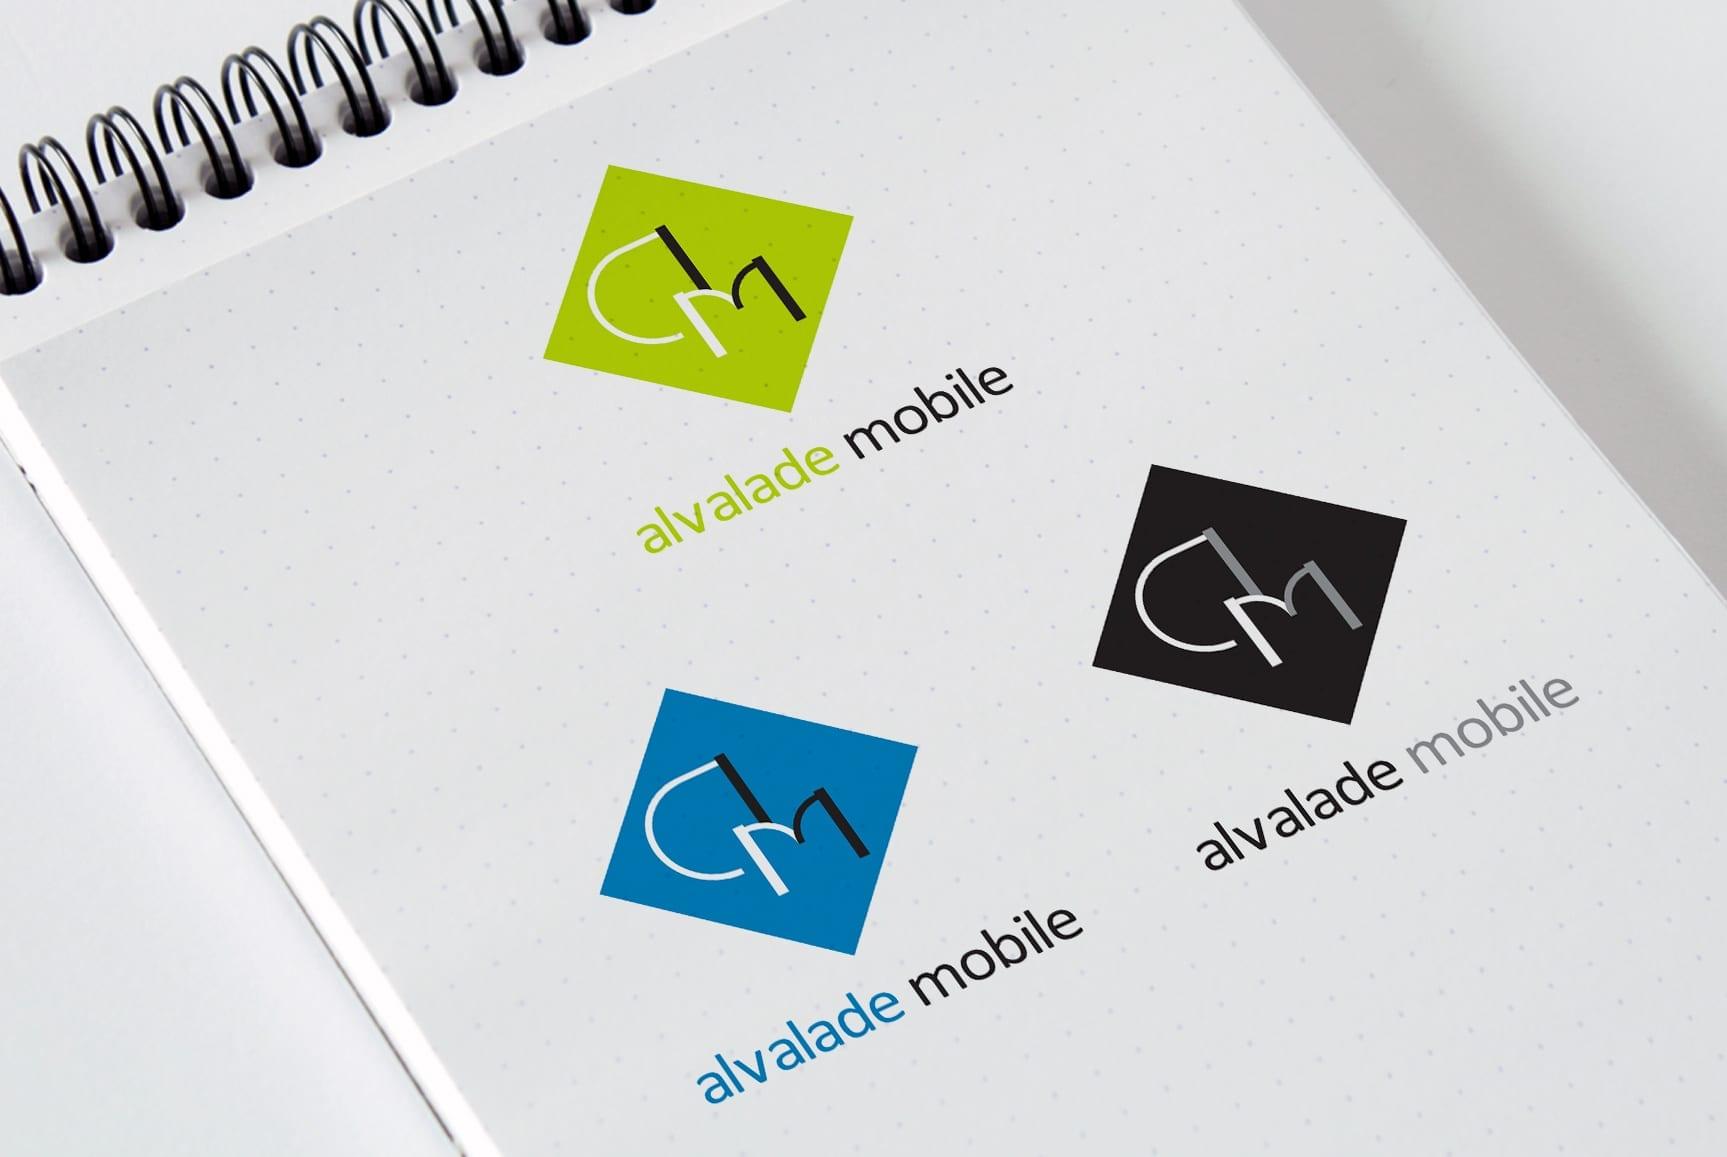 Pormenores da identidade visual da loja Alvalade Mobile